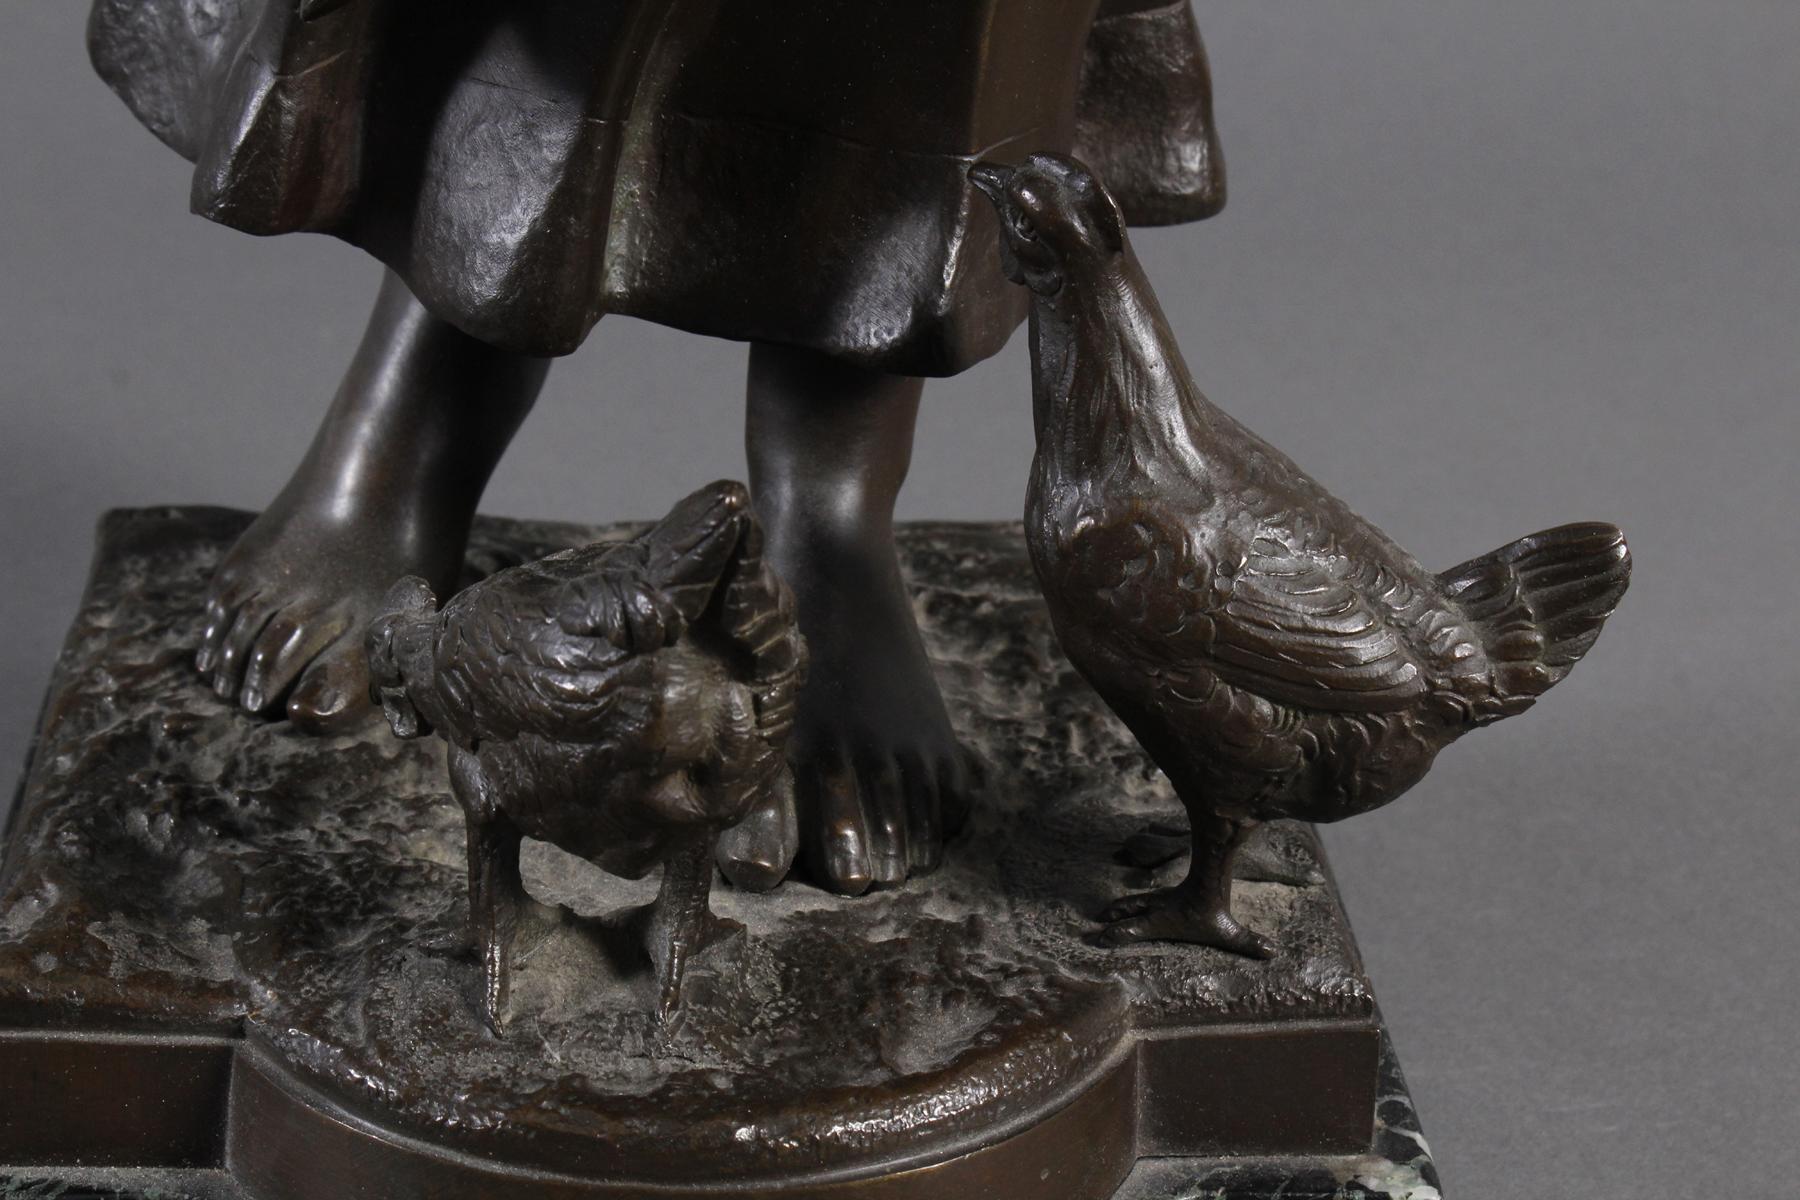 Mädchen beim Füttern mit Hühnern, Prahs, wohl französischer Bildhauer-3